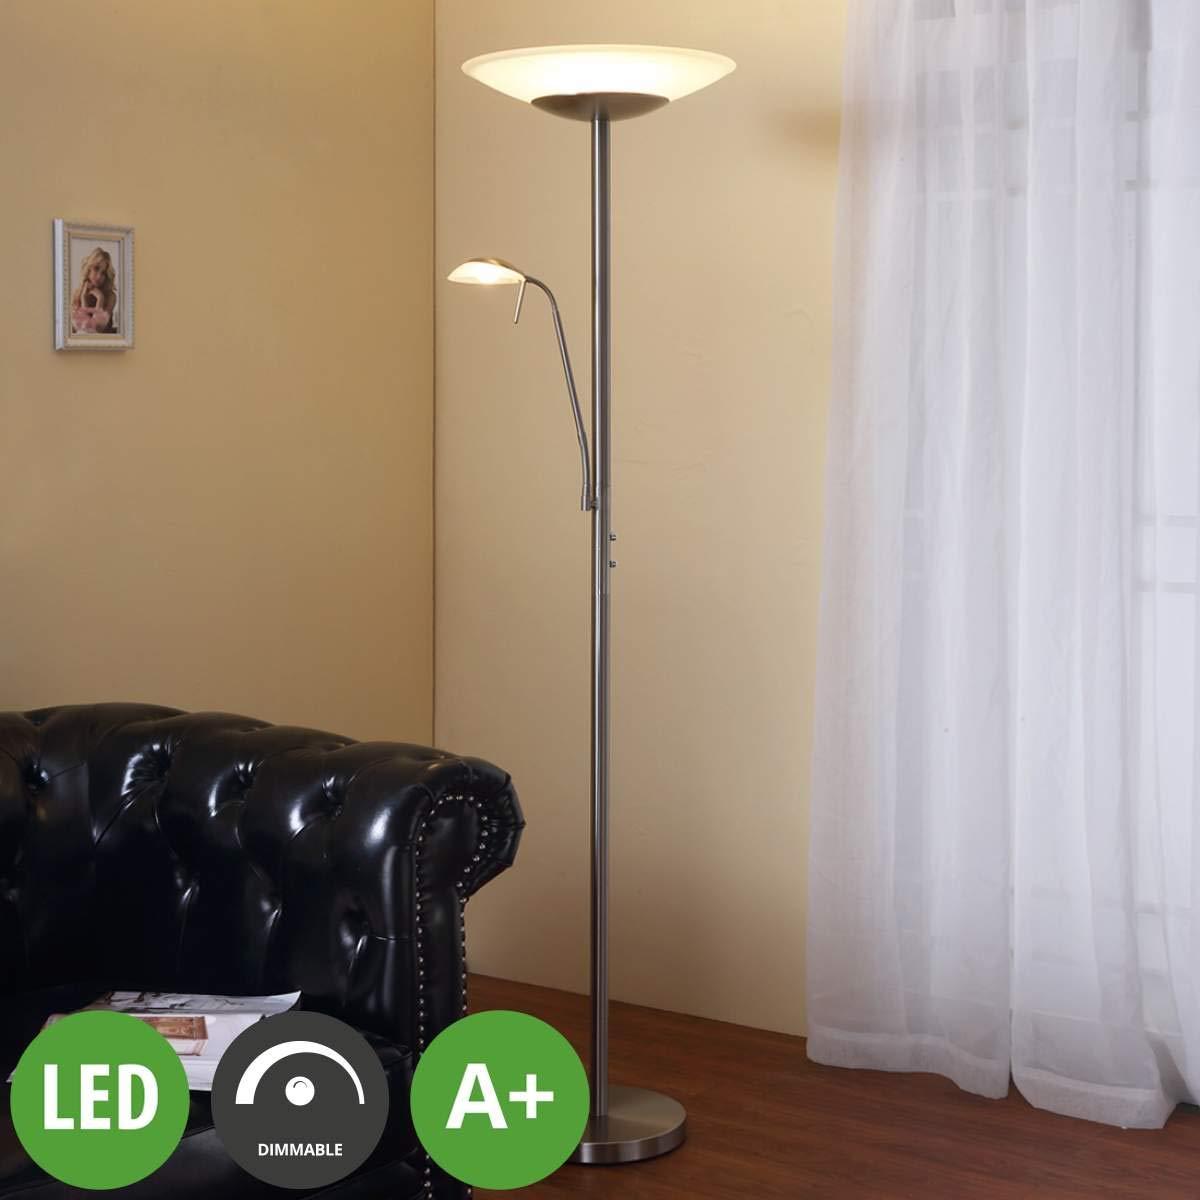 Lampenwelt LED Stehlampe 'Ragna' dimmbar (Modern) in Weiß aus Glas u.a. für Wohnzimmer & Esszimmer (2 flammig, A+, inkl. Leuchtmittel) | Wohnzimmerlampe, Stehleuchte, Floor Lamp, Deckenfluter